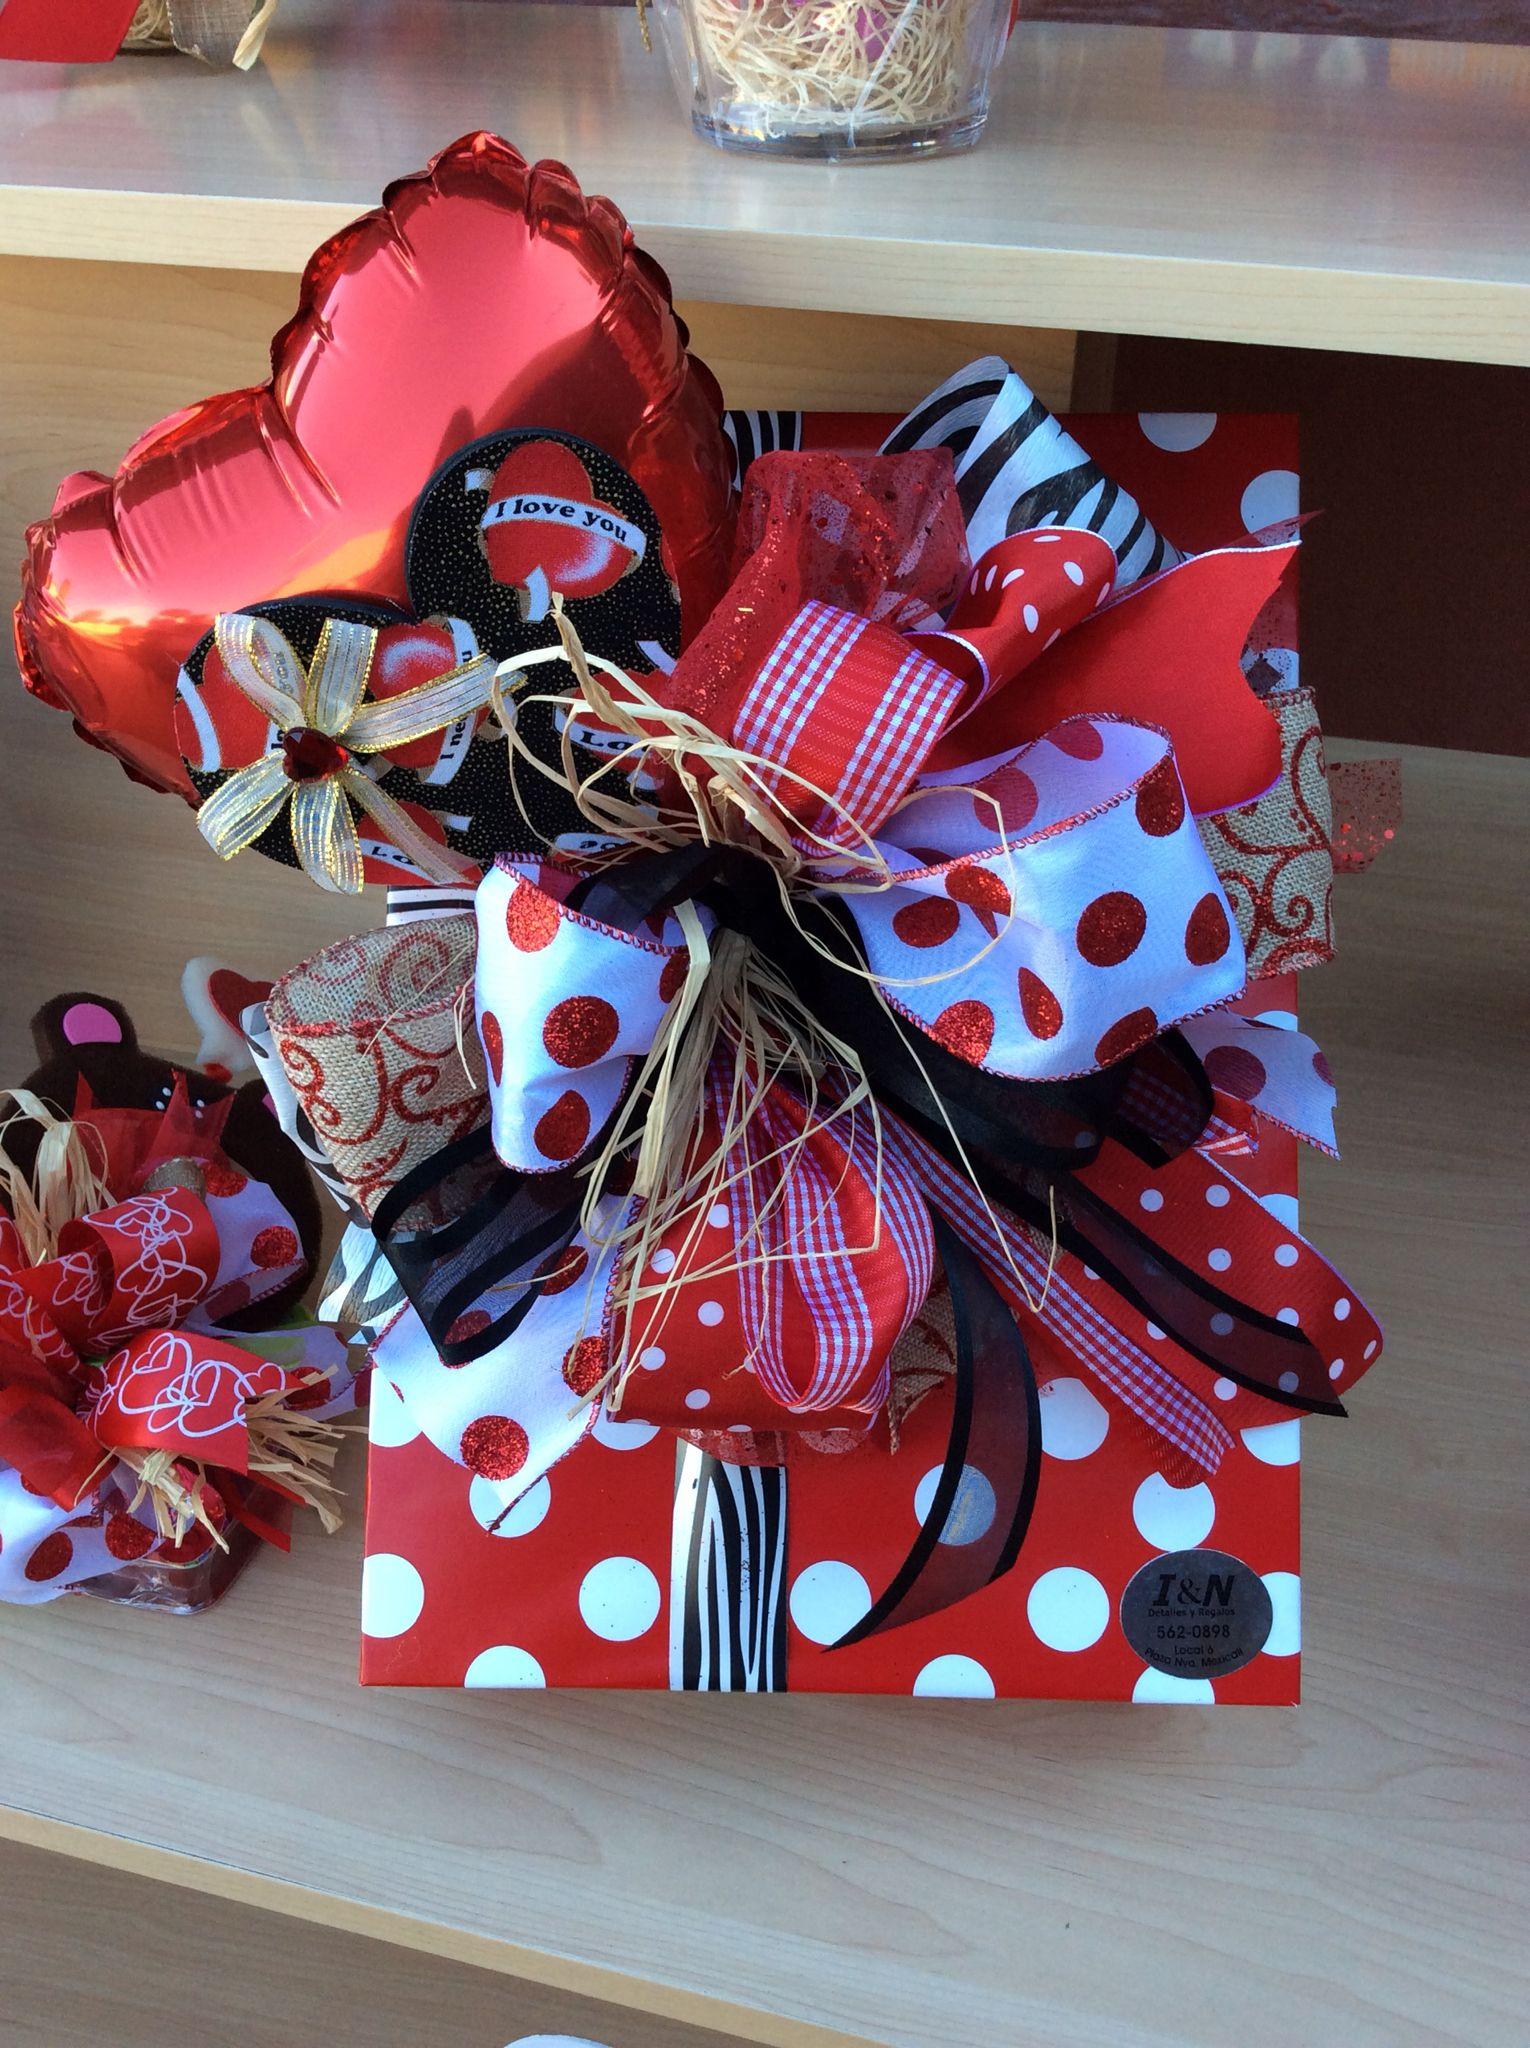 Envoltura de amor regalos pinterest amor arreglos for Envolturas para regalos